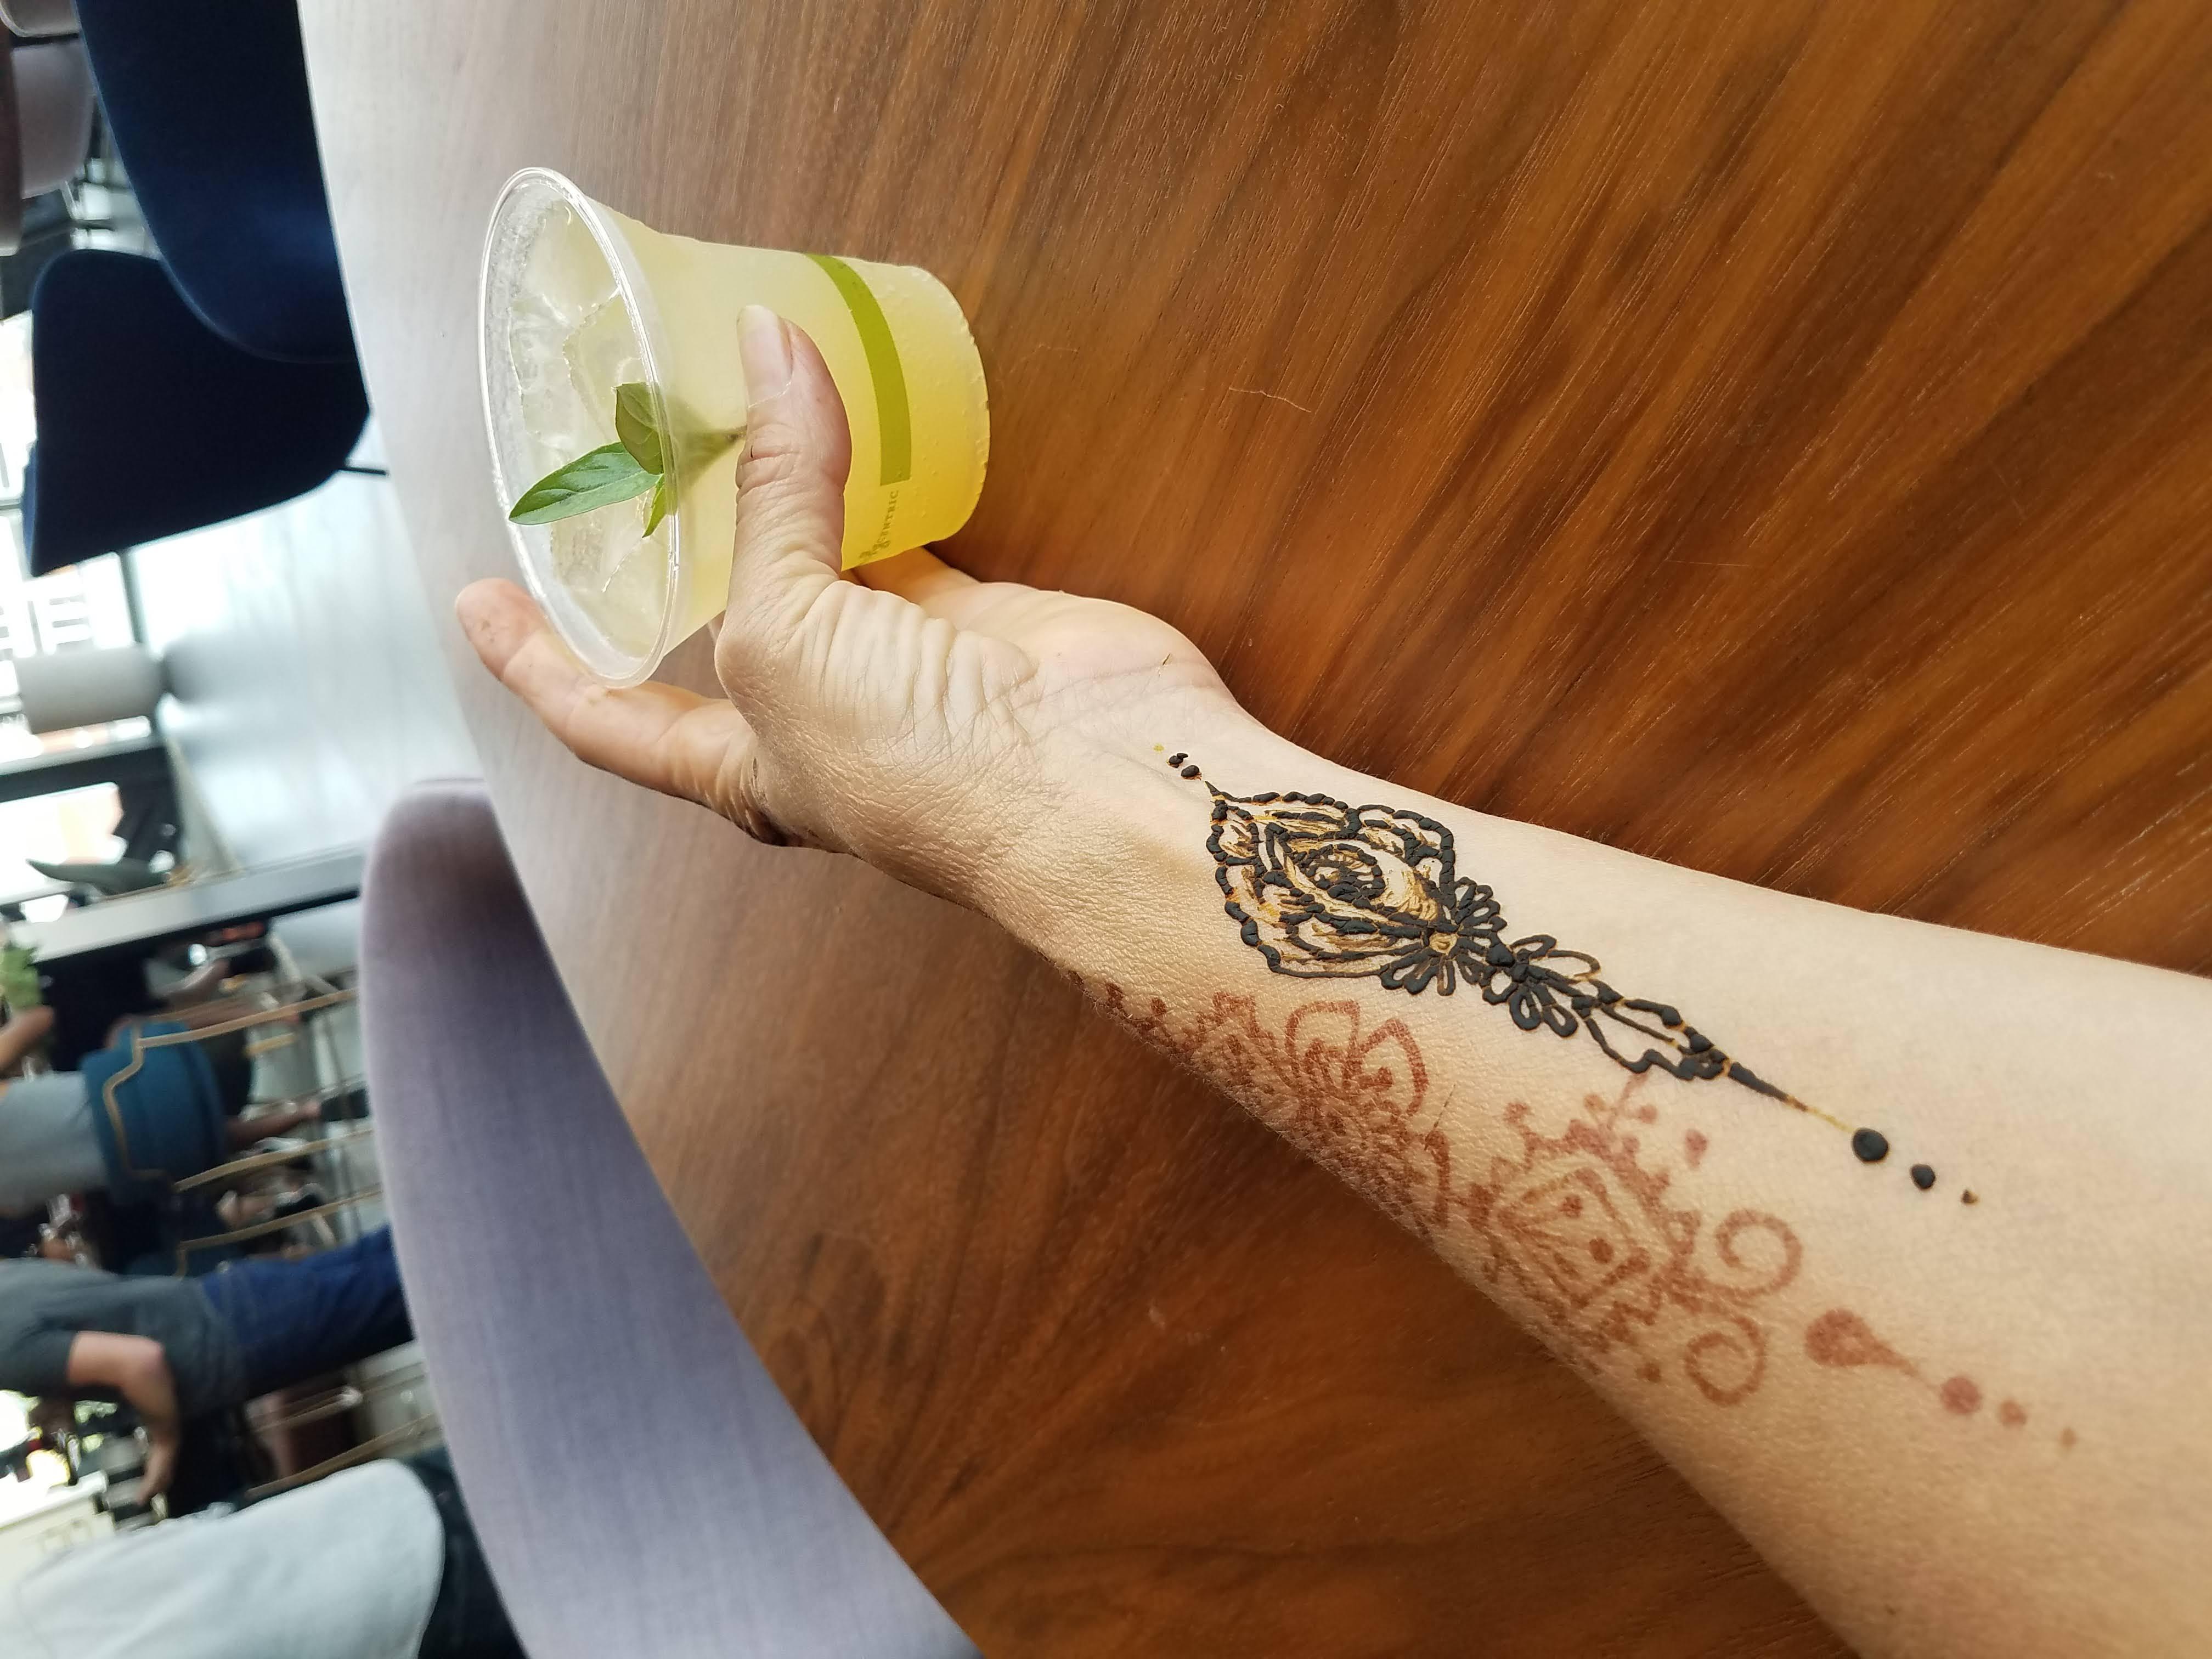 Henna event, Rabbit Hole, Louisville